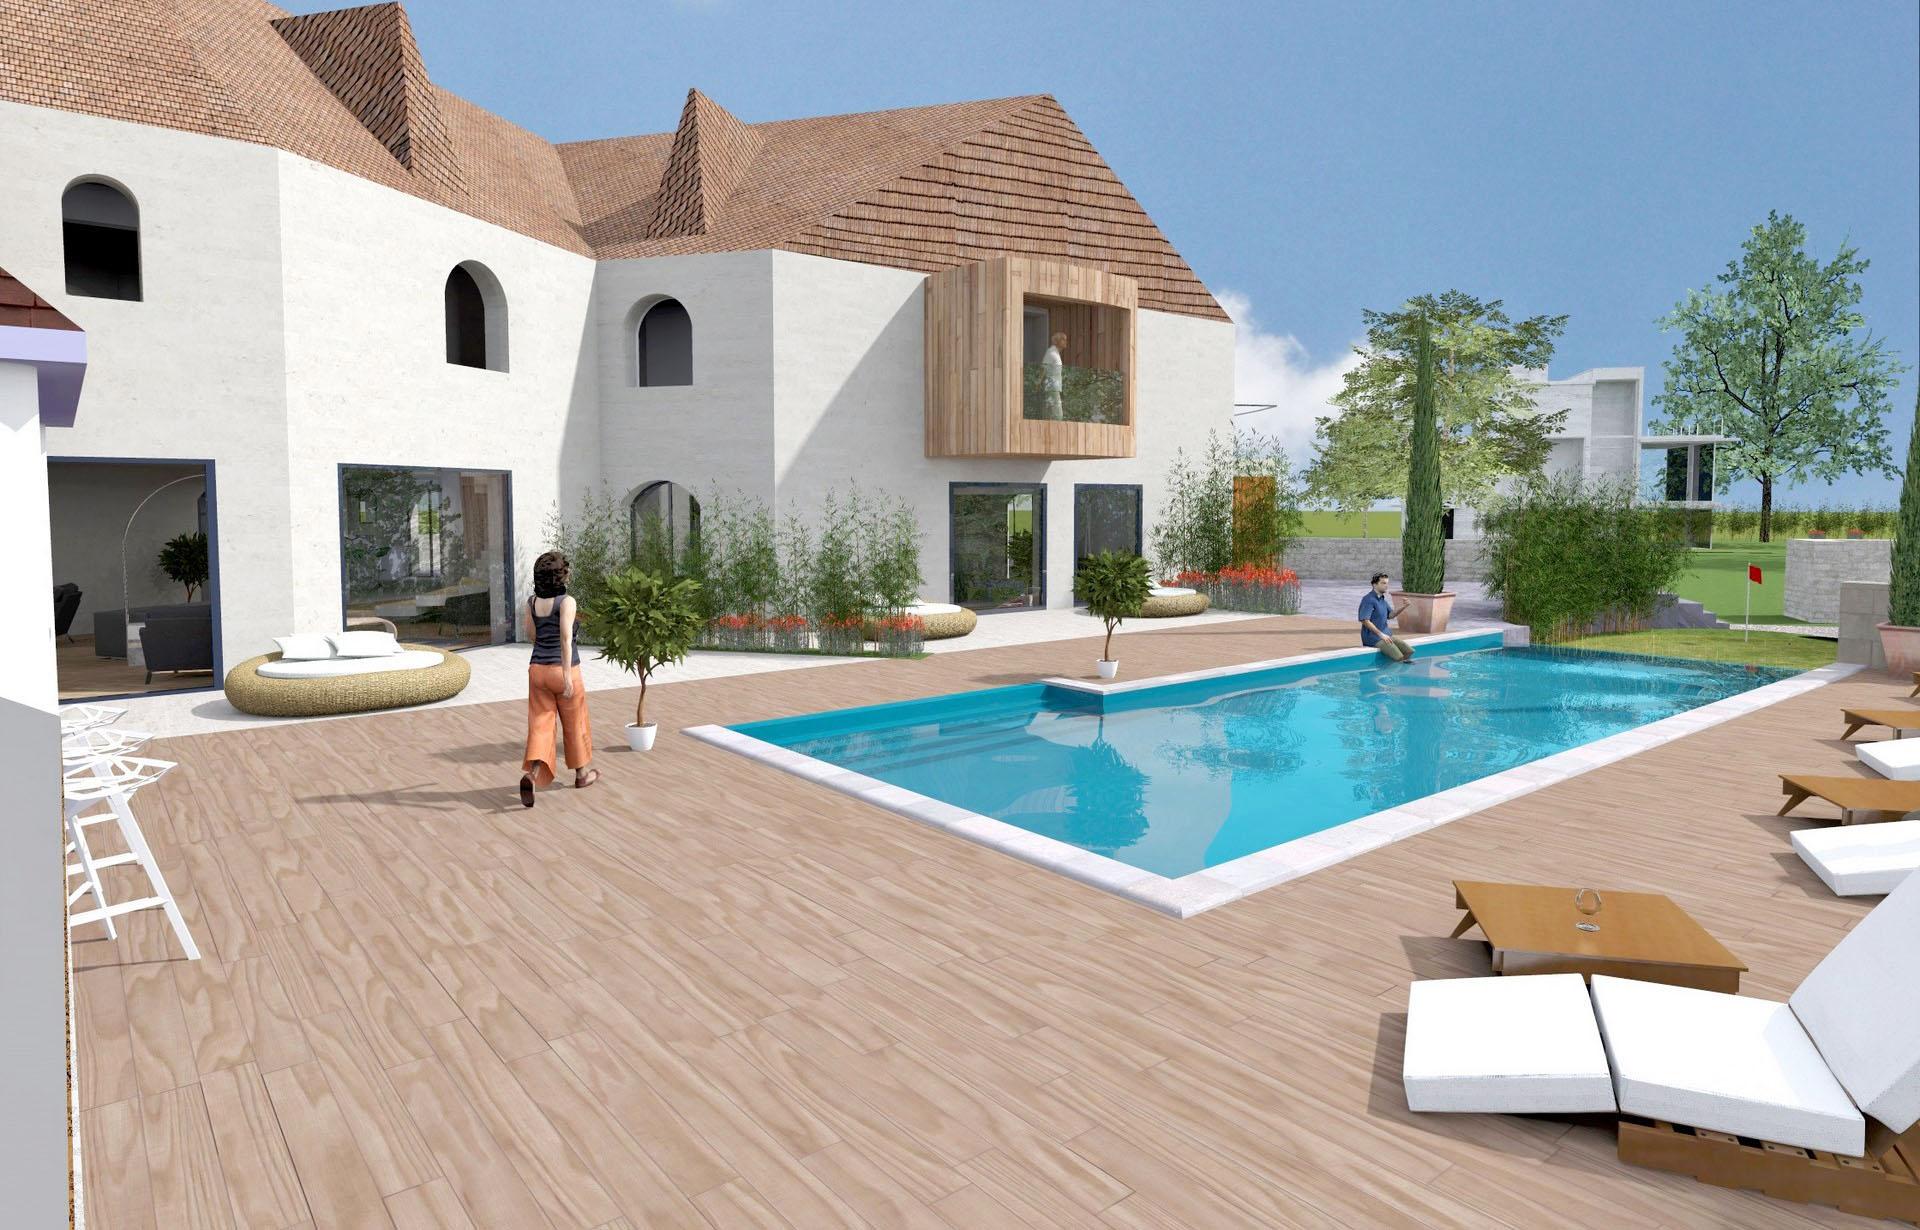 piscine amenagement exterieur agence avous